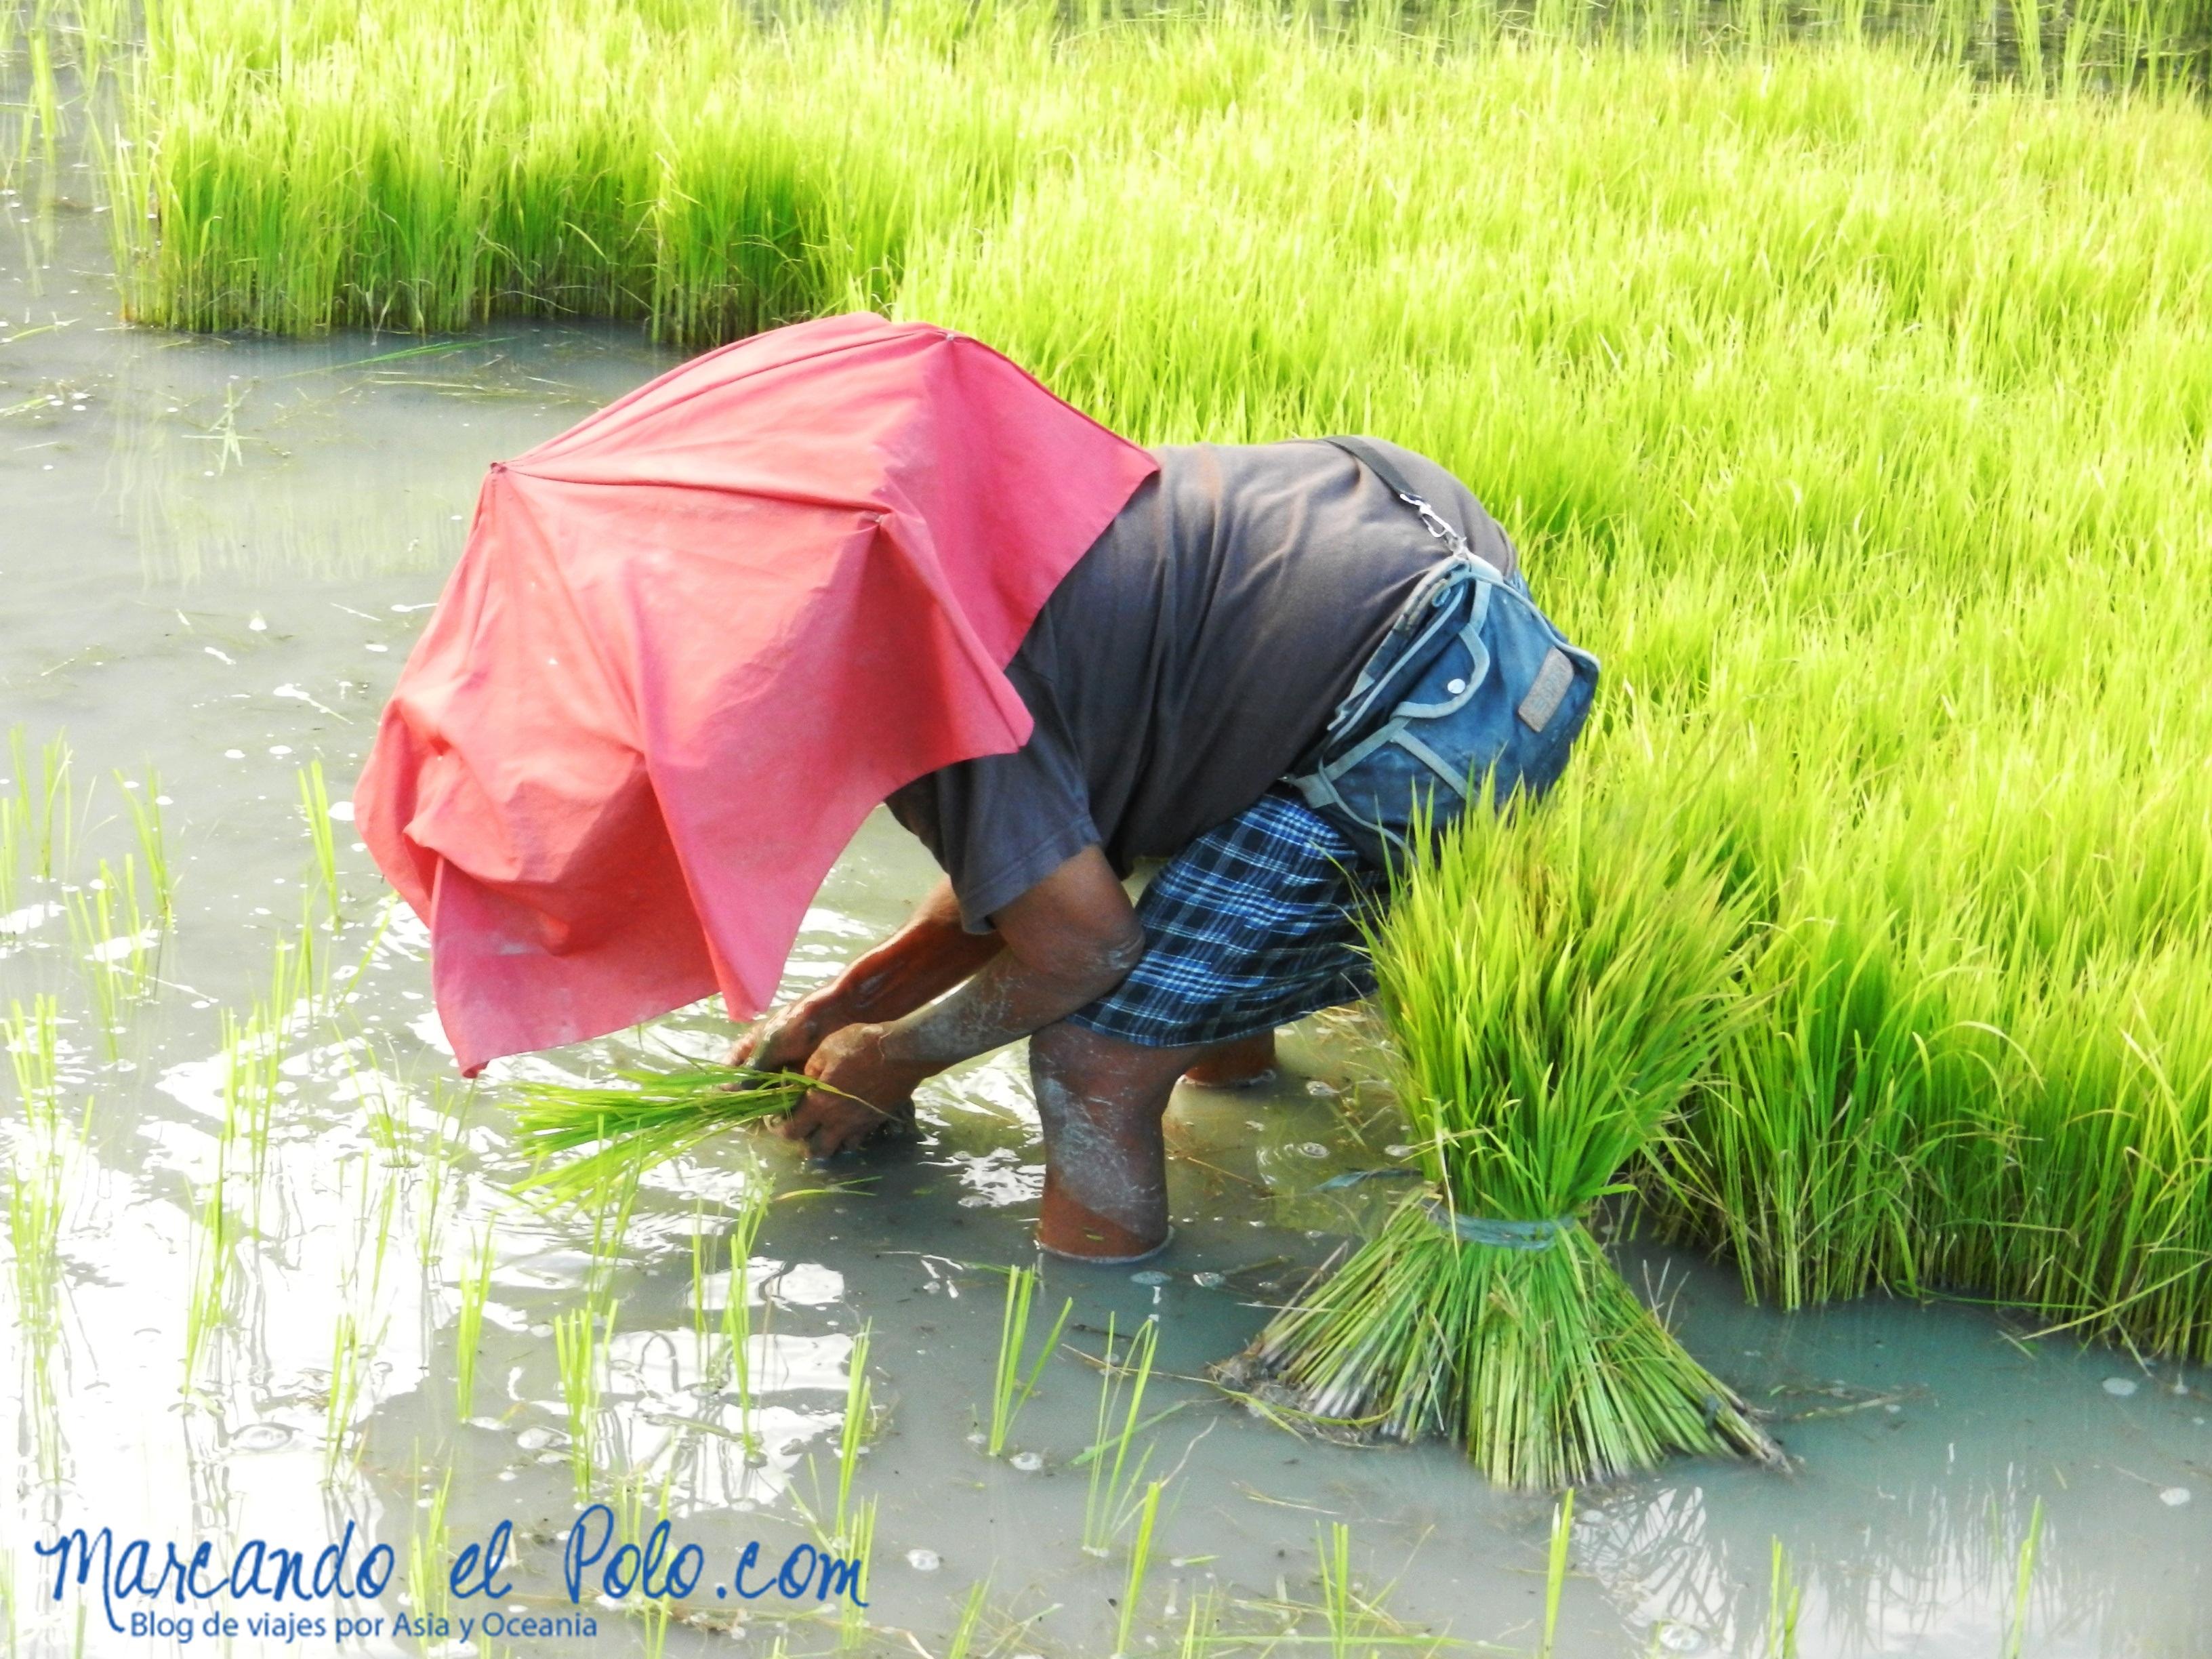 Terrazas de arroz en Filipinas: Otro día de trabajo